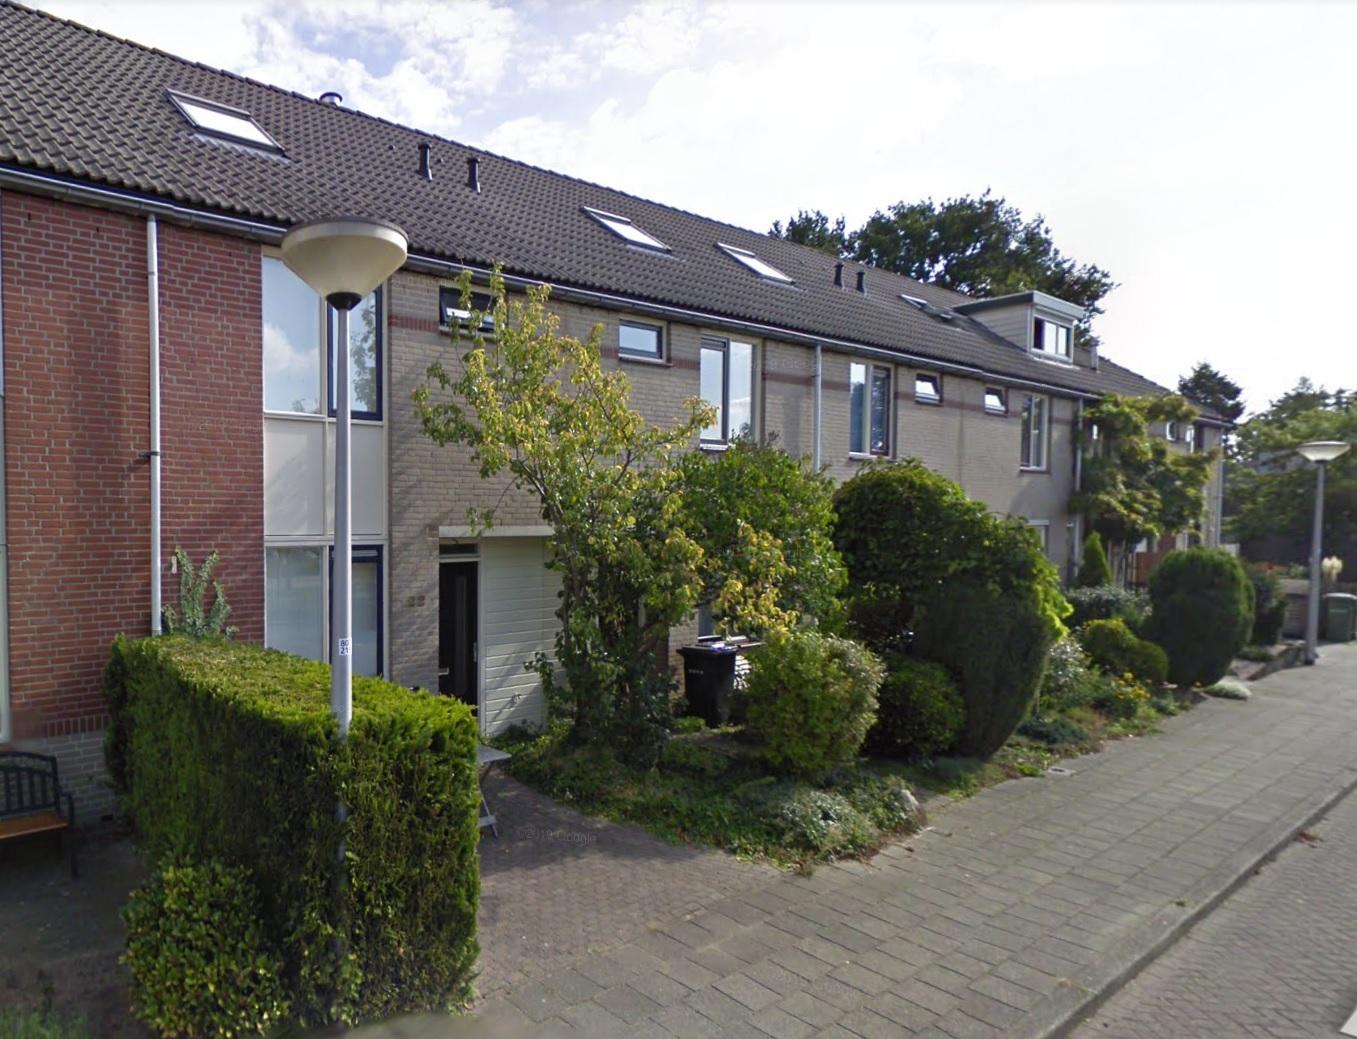 Te Koop: Heerlijk jaren 80 familiehuis, type tussenwoning in de Muziekwijk te Amersfoort.